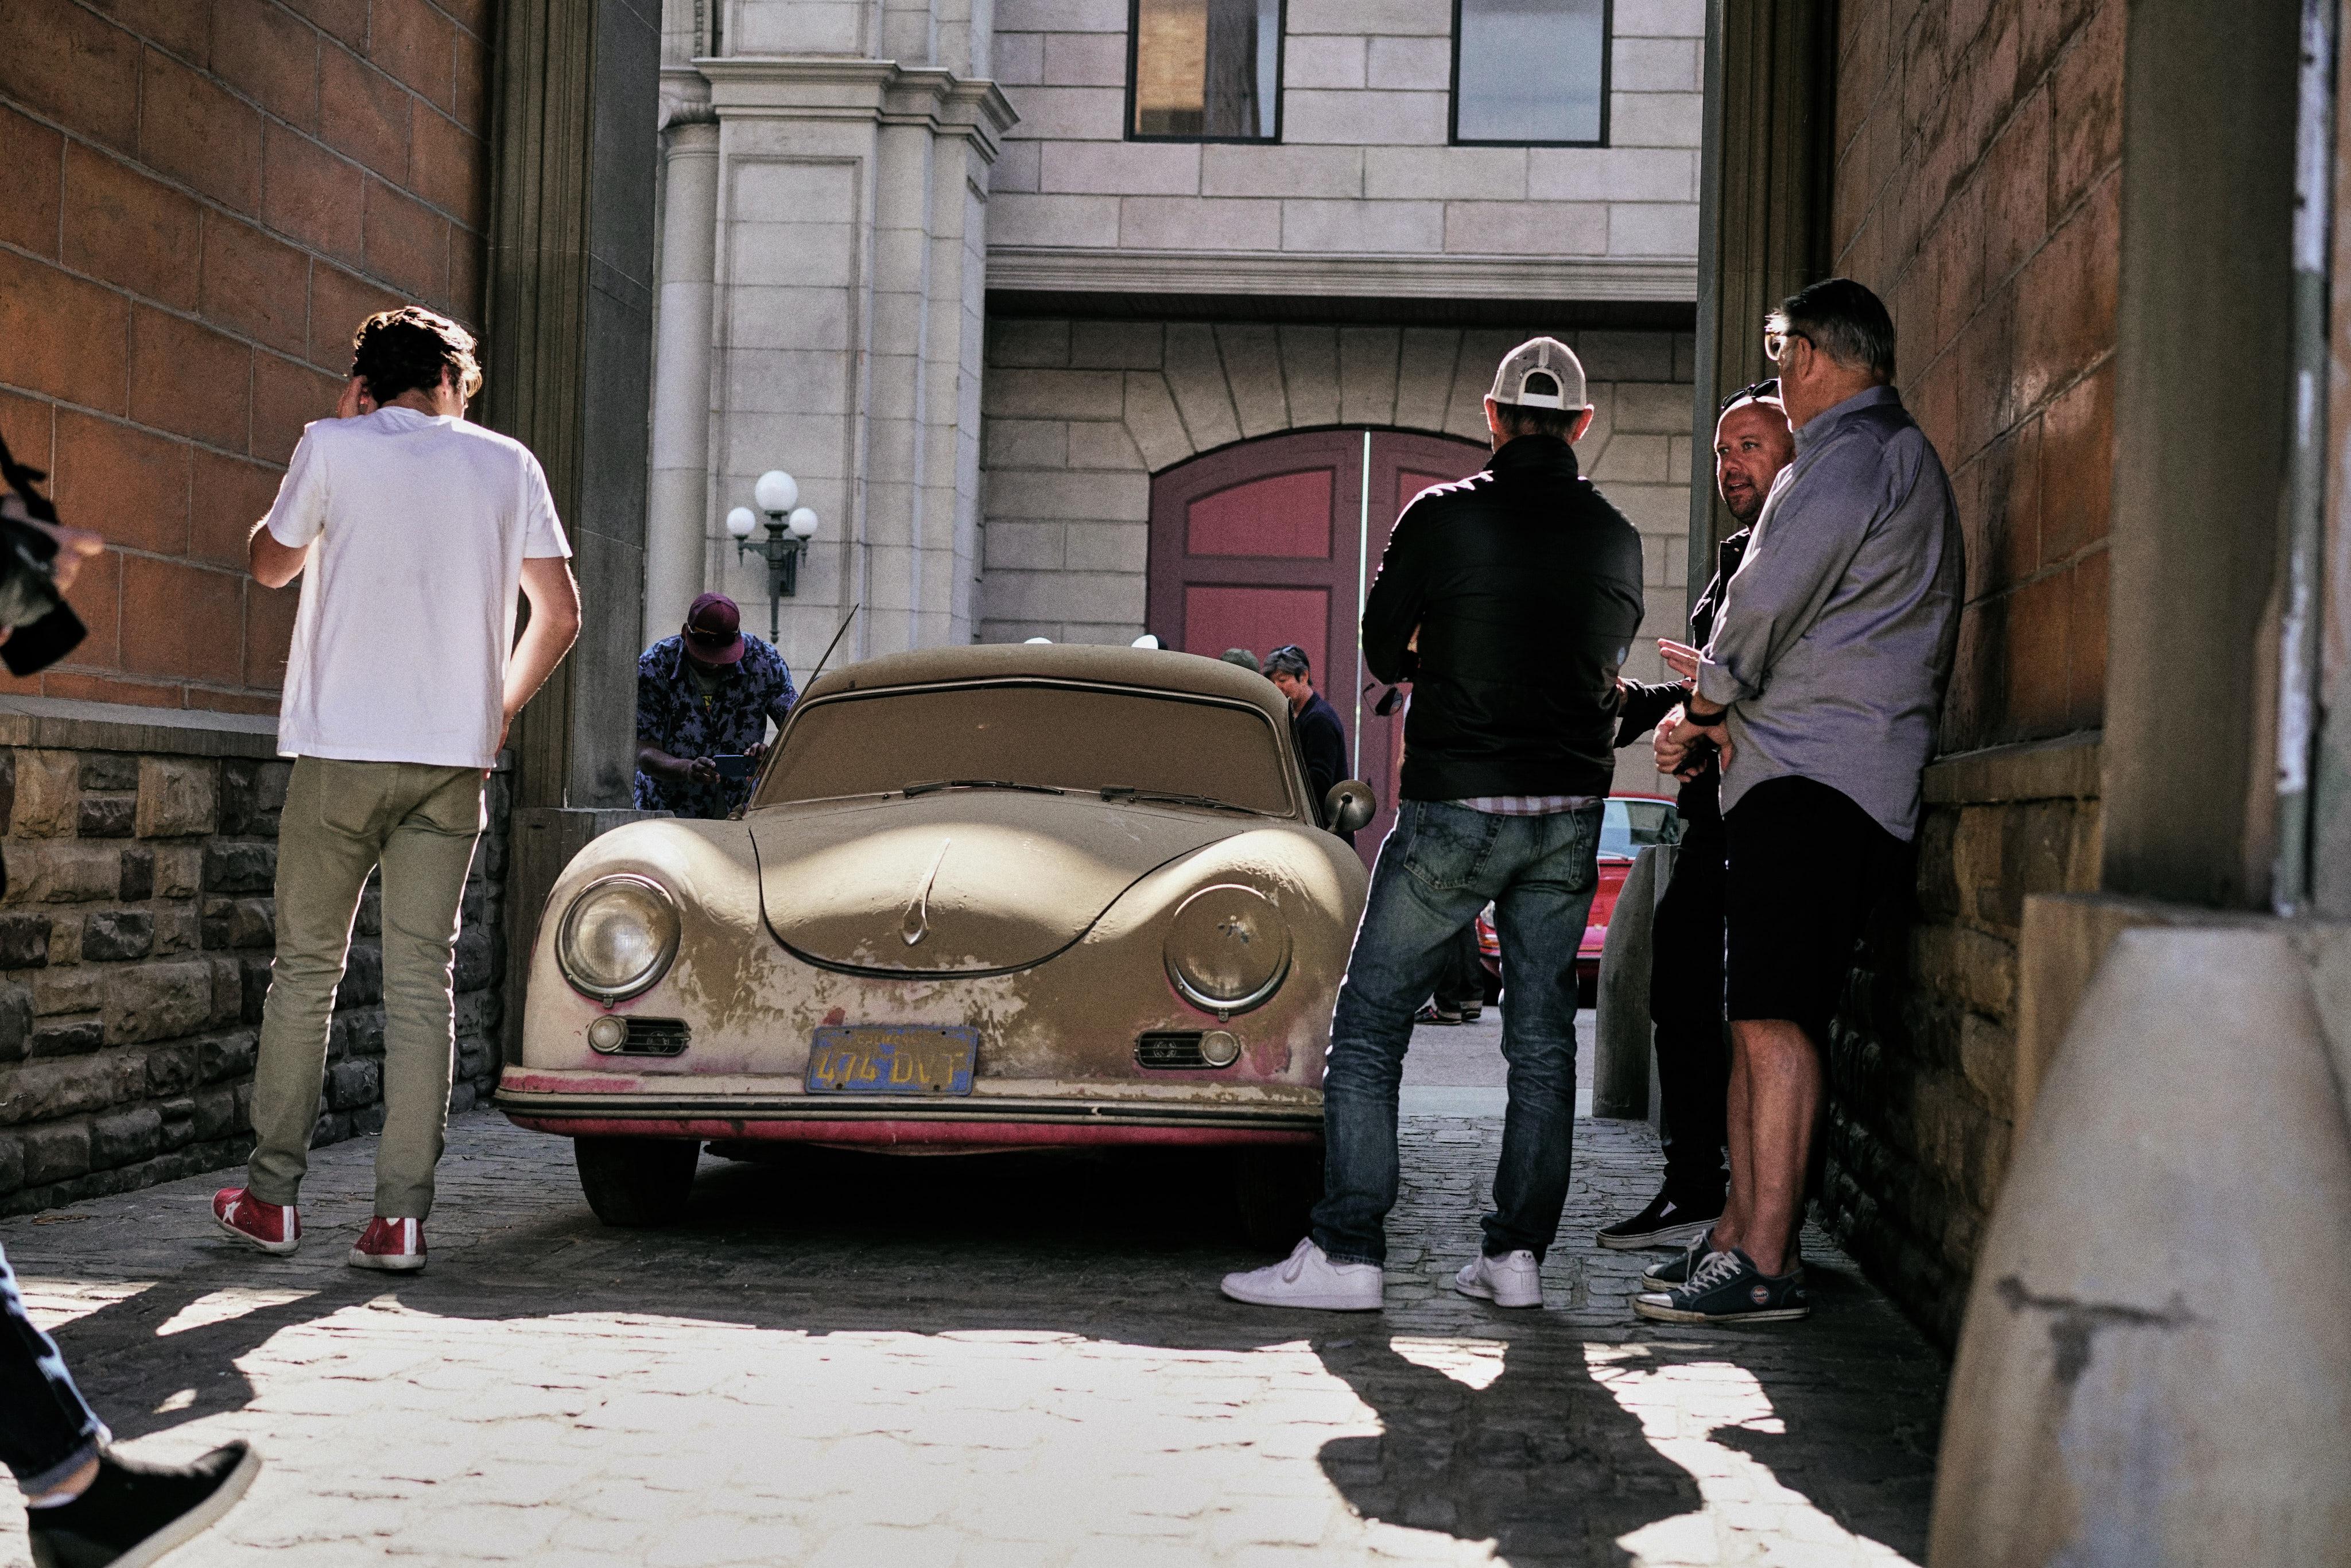 Luftgekühlt-6-Rennen-14-Porsche-356-1955-Barnfind